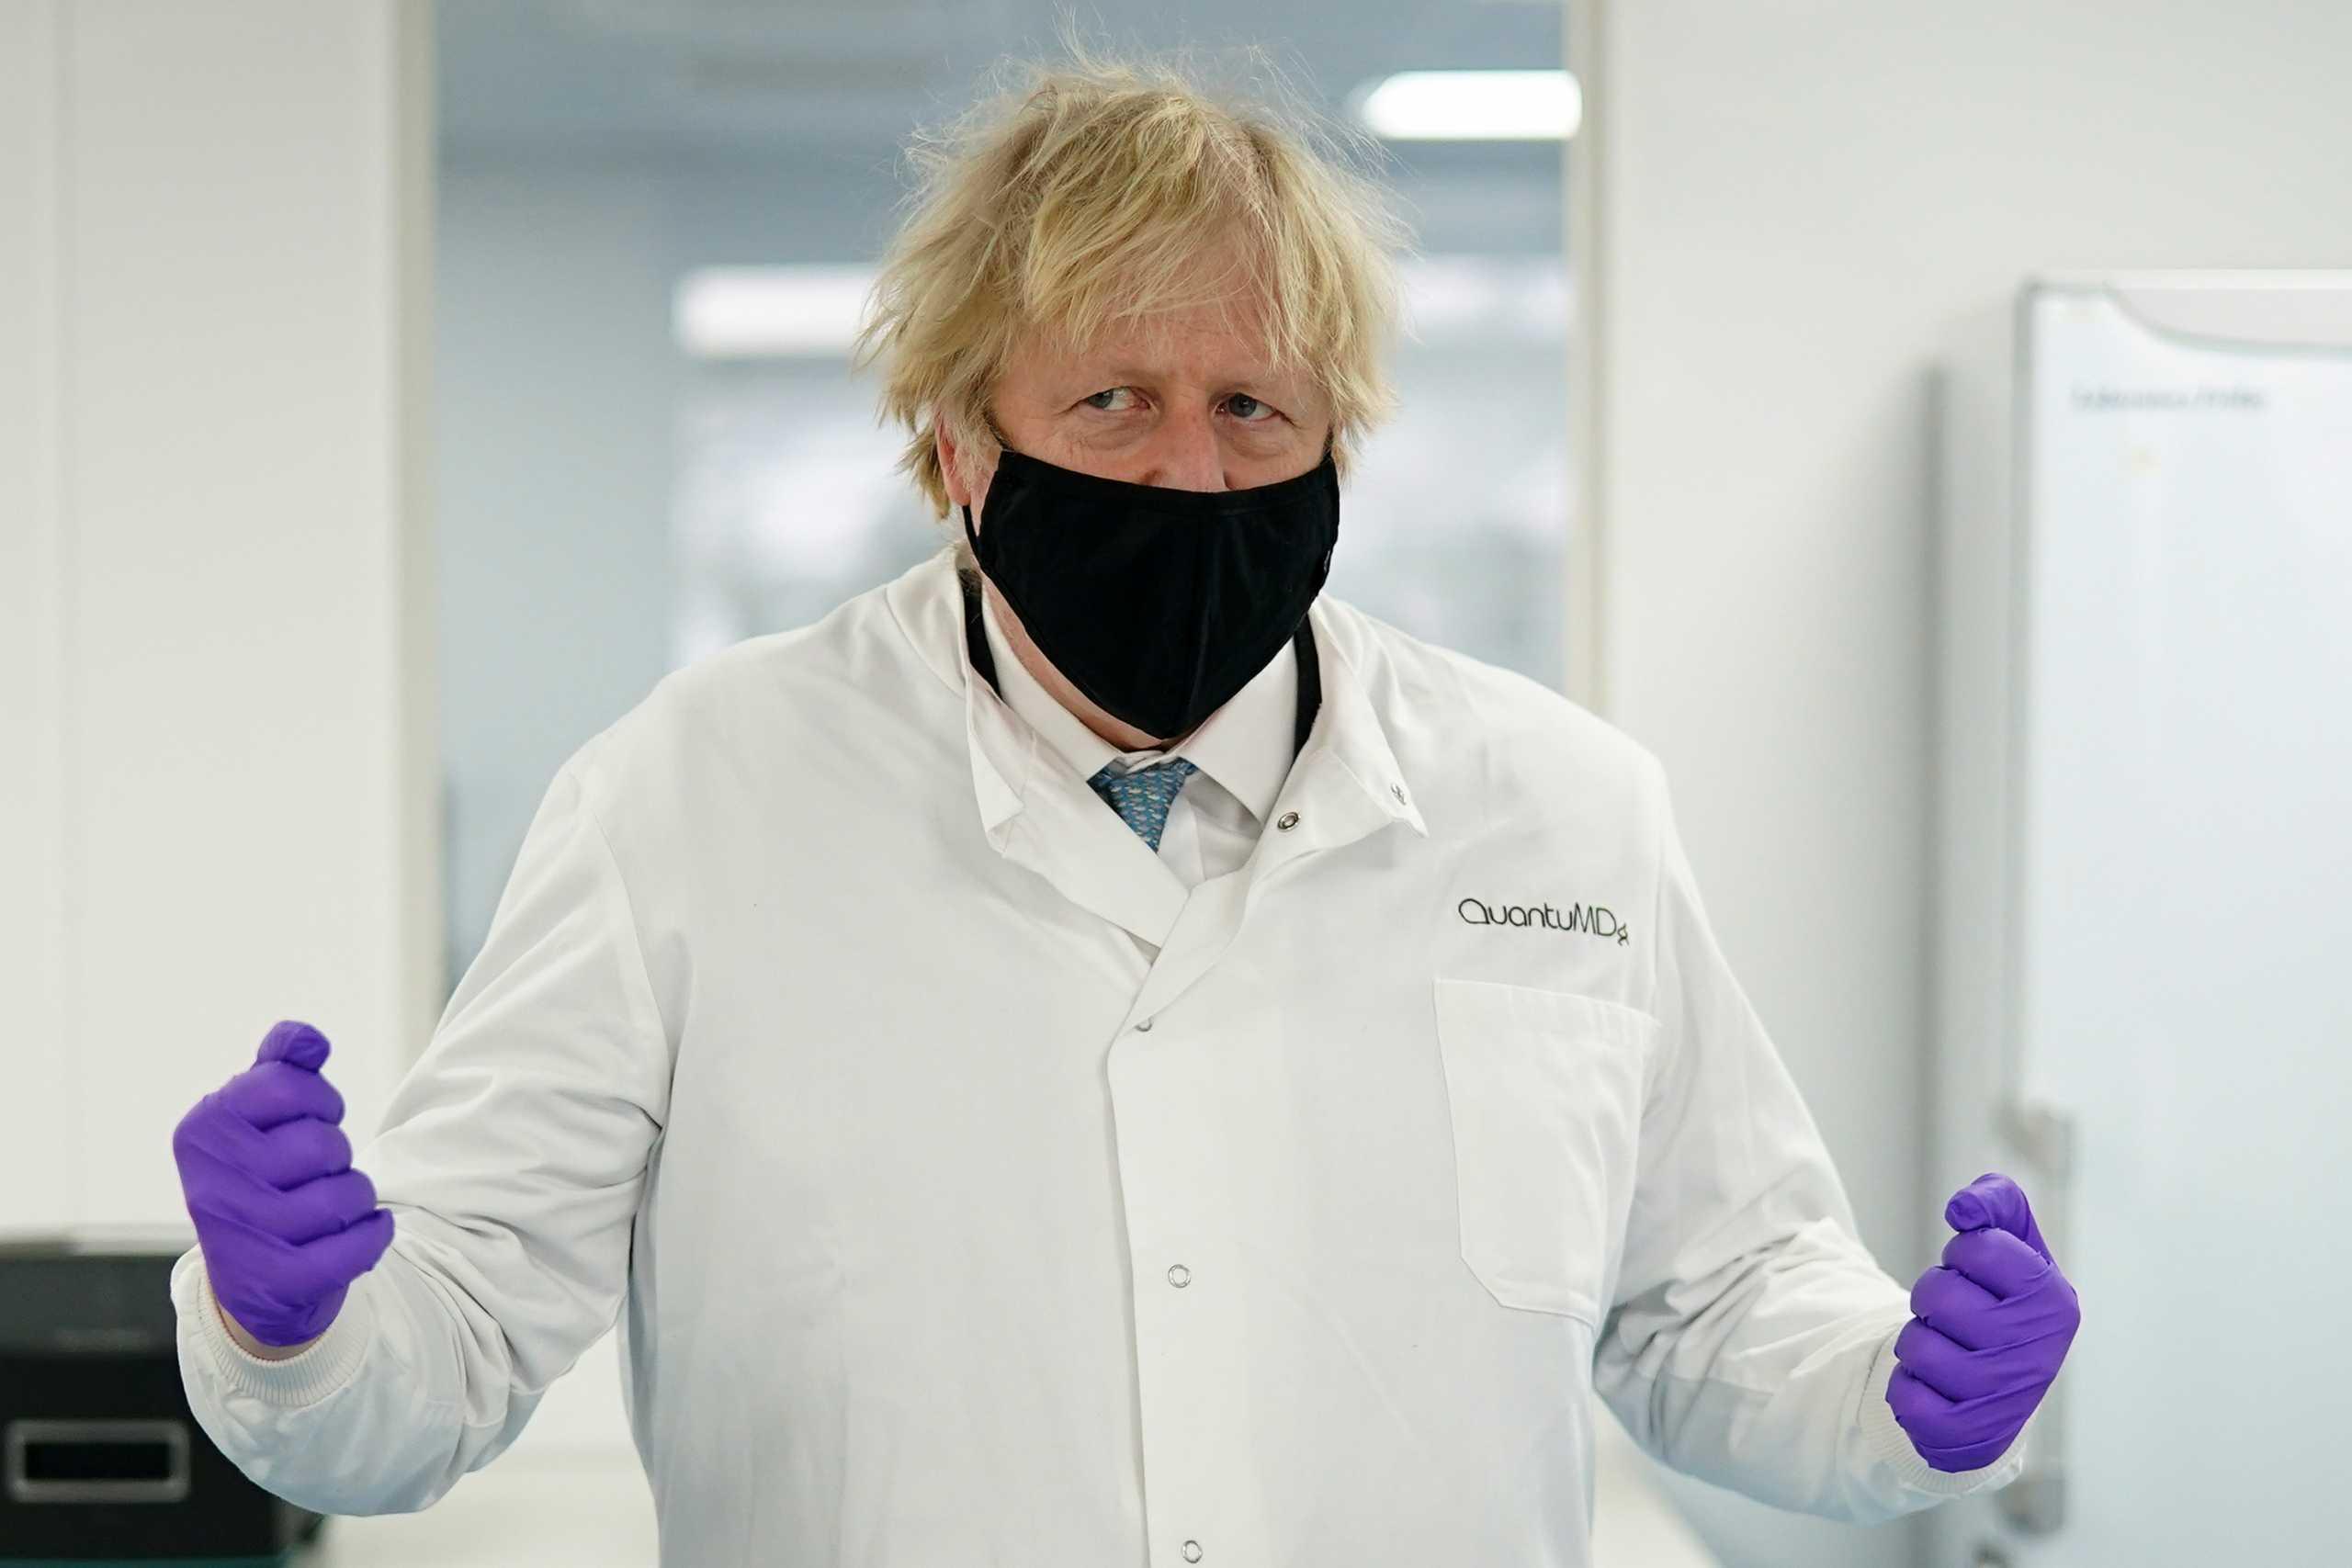 Βρετανία: Πιέζεται ο Τζόνσον να «ανοίξει» την οικονομία – Σχεδιάζει πορεία «εξόδου» χωρίς επιστροφή